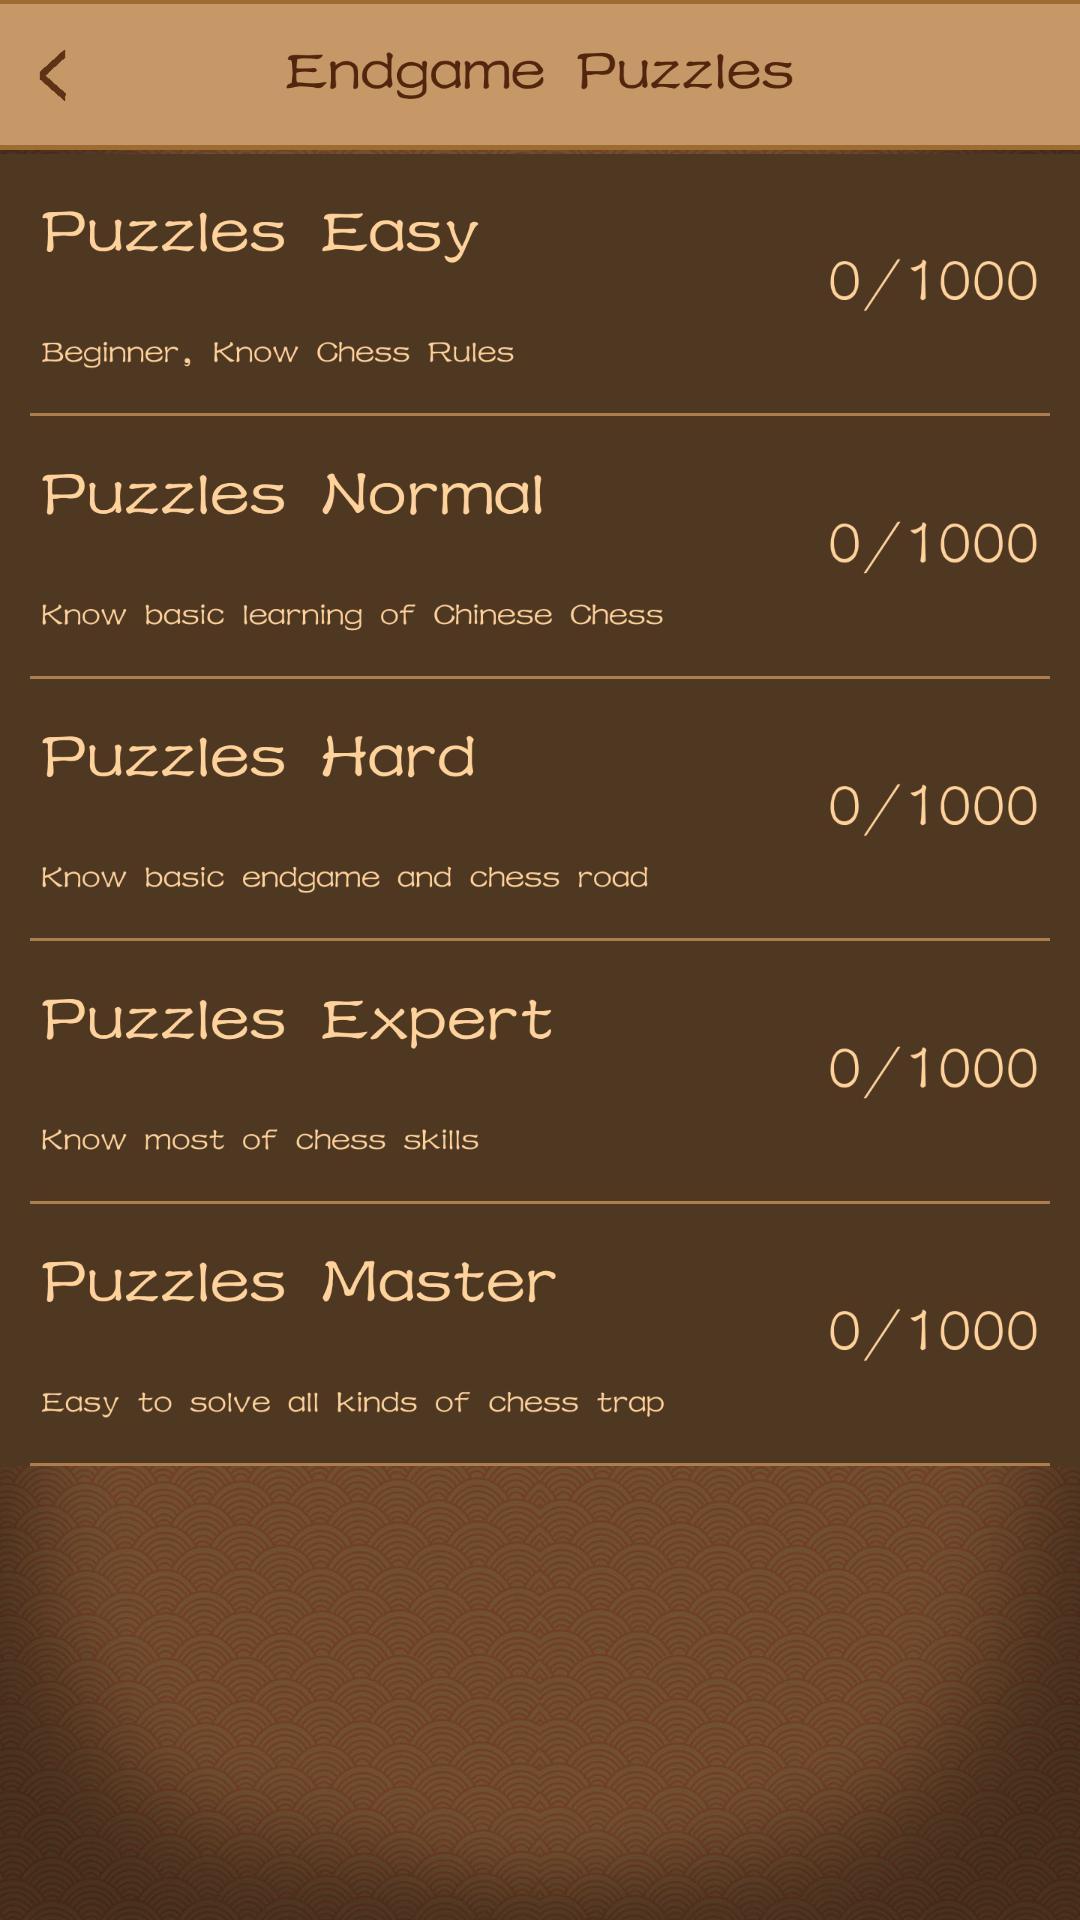 Chinese Chess from beginner to master 1.6.2 Screenshot 10